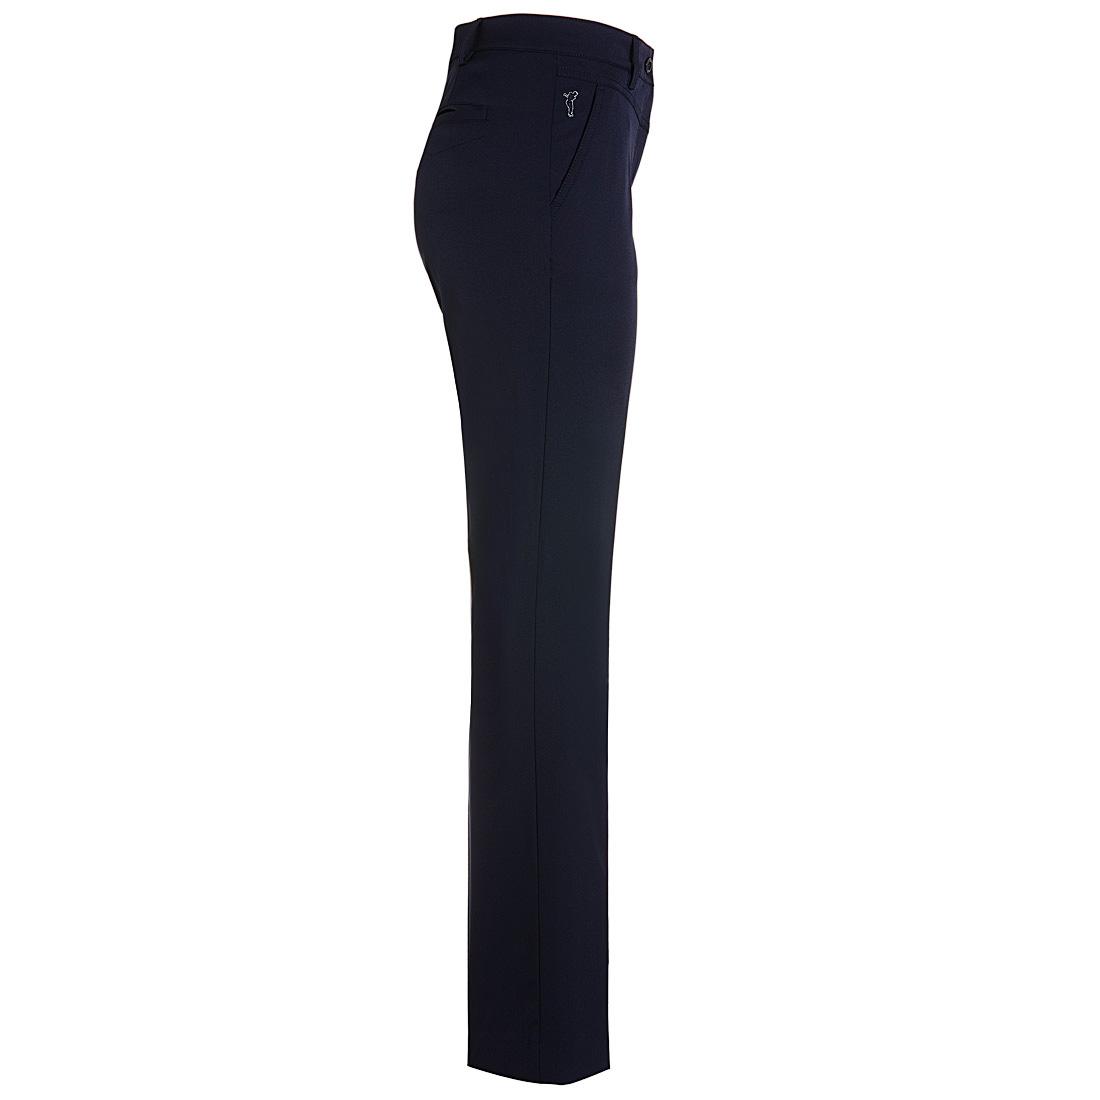 Damen Golfhose aus Techno Stretch